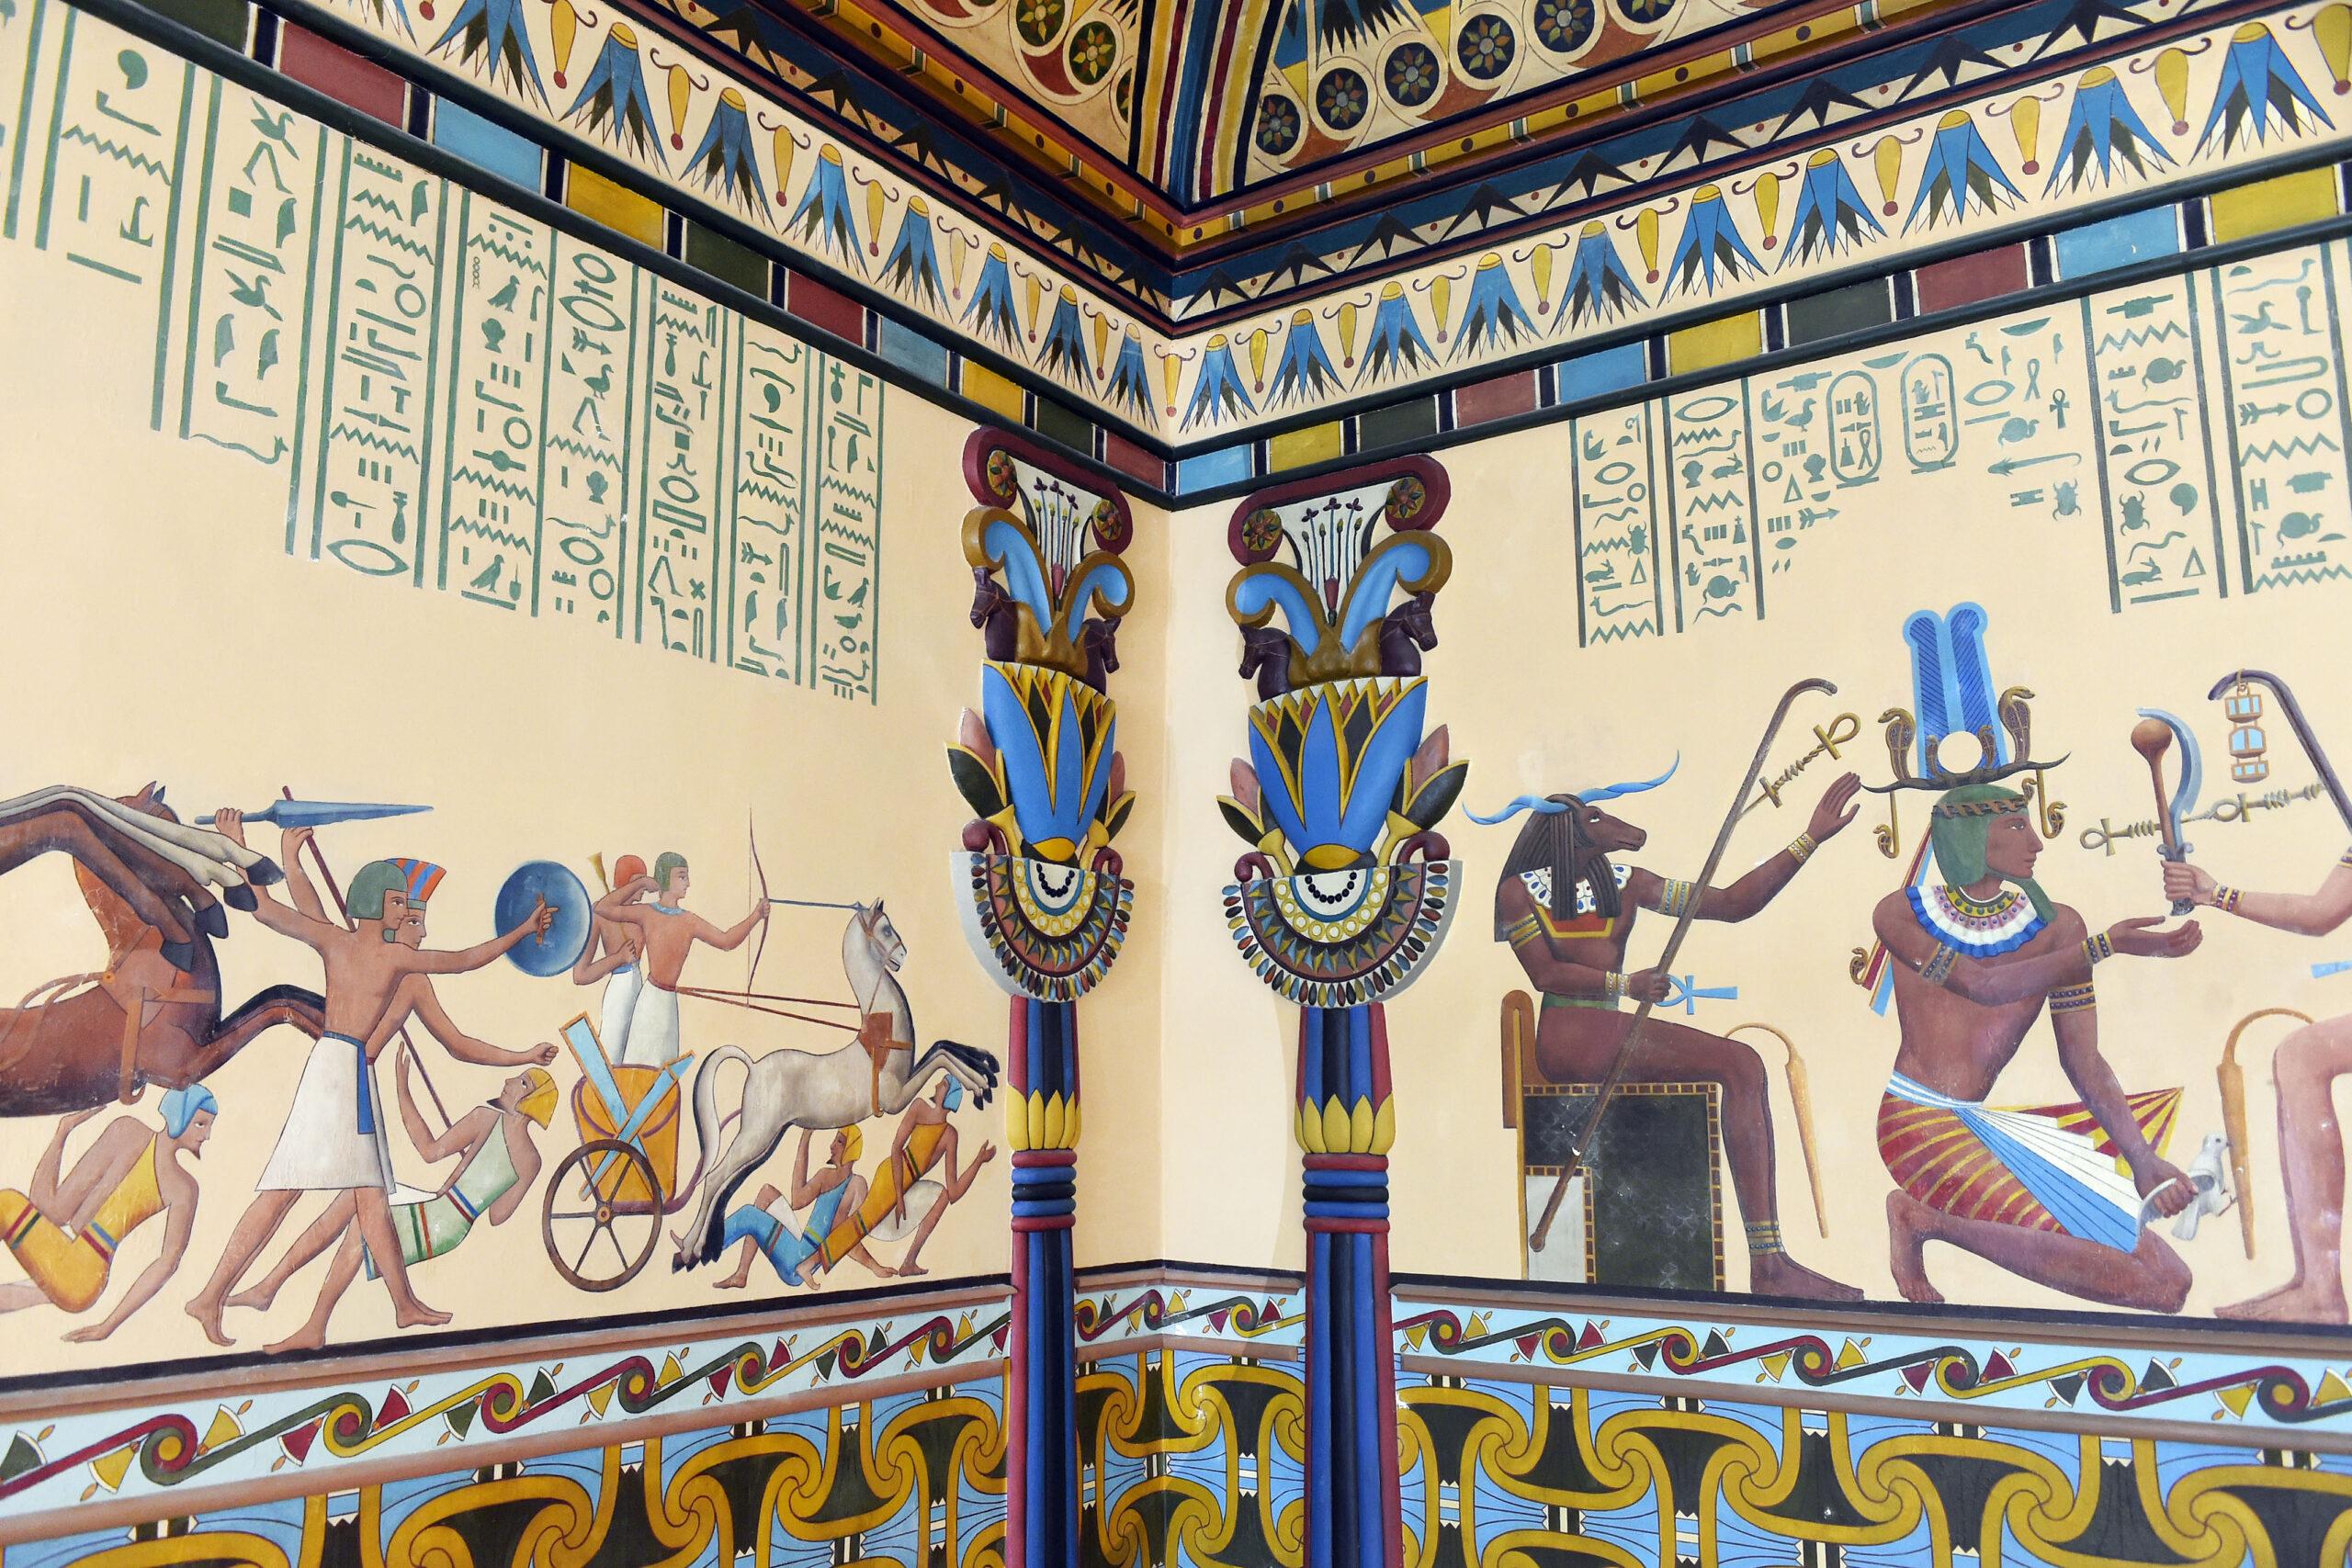 Salão Egípcio renasce para se assumir como novo cartão-de-visita de Braga